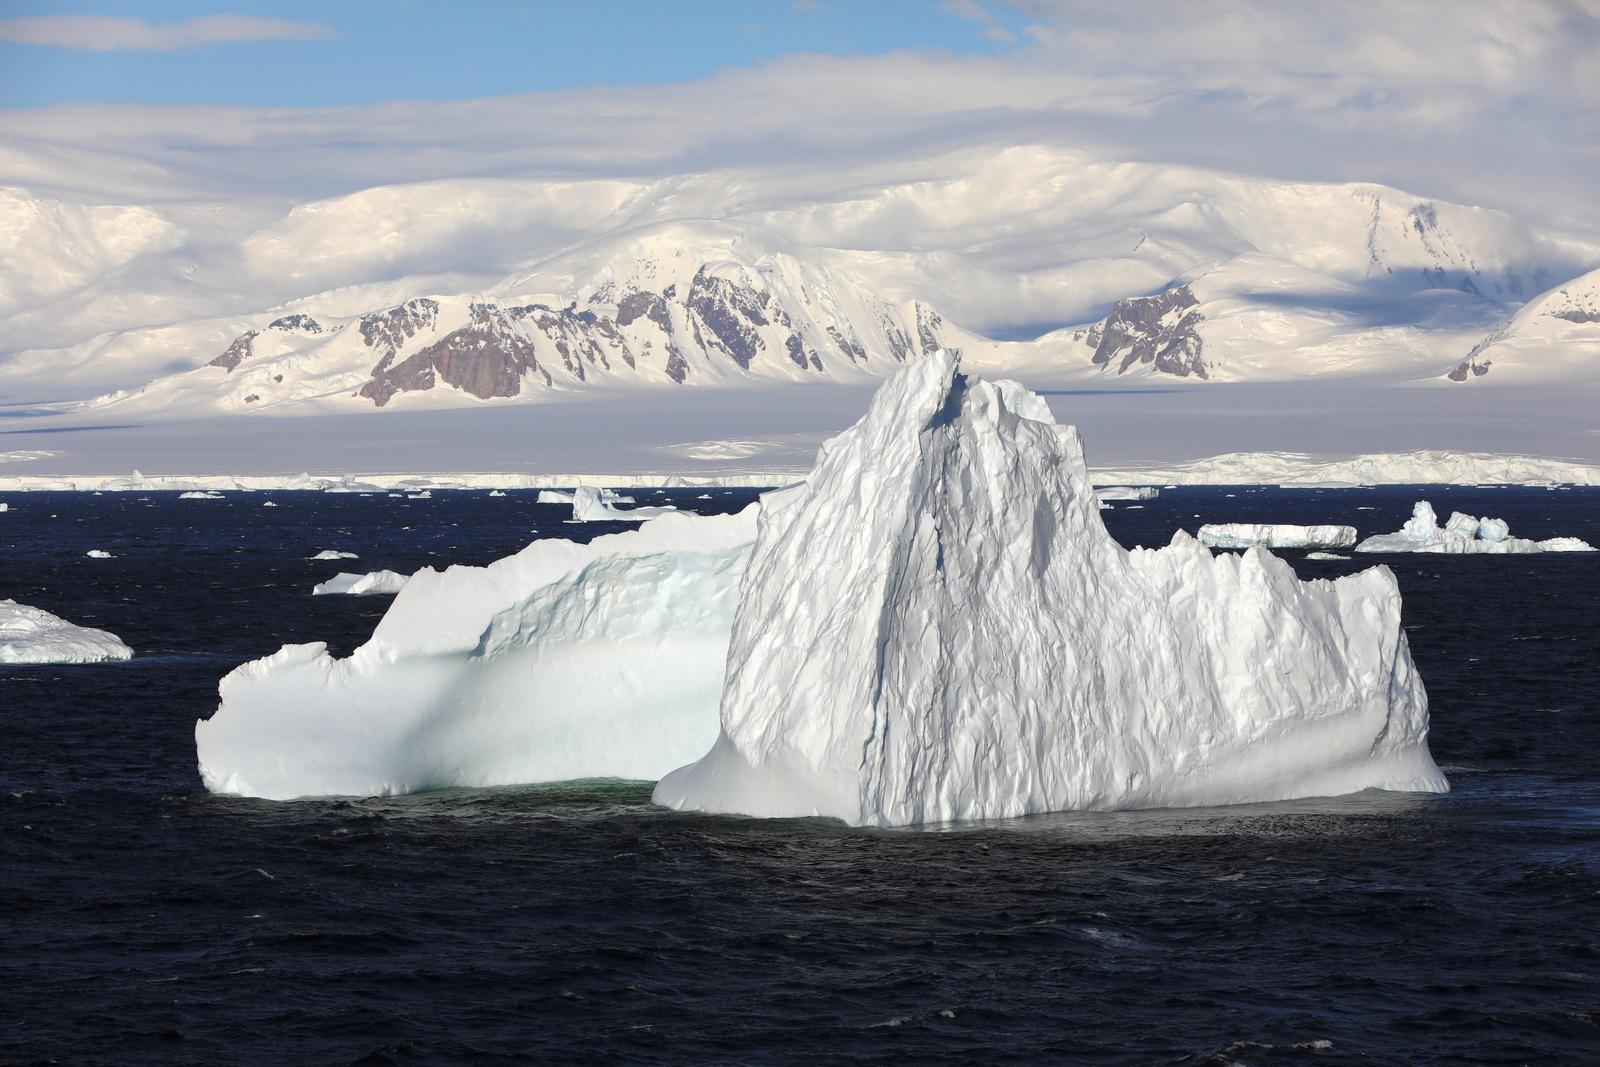 1702_Antarctique_02854_c_sm.jpg